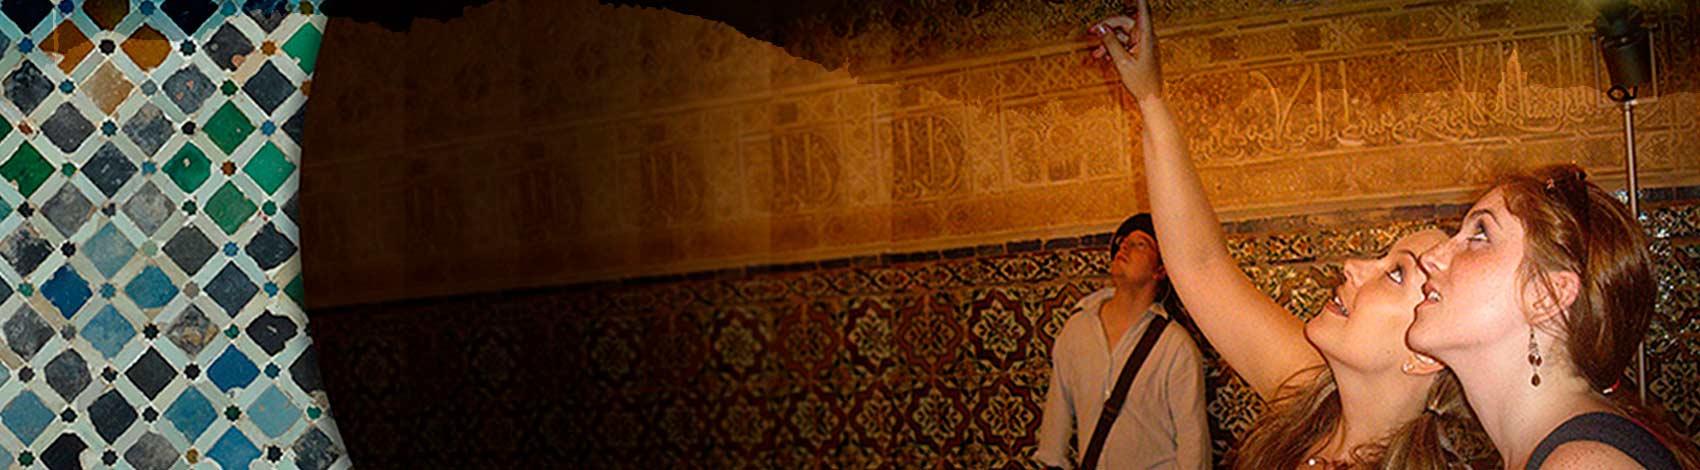 Aprendiendo español en la alhambra de granada